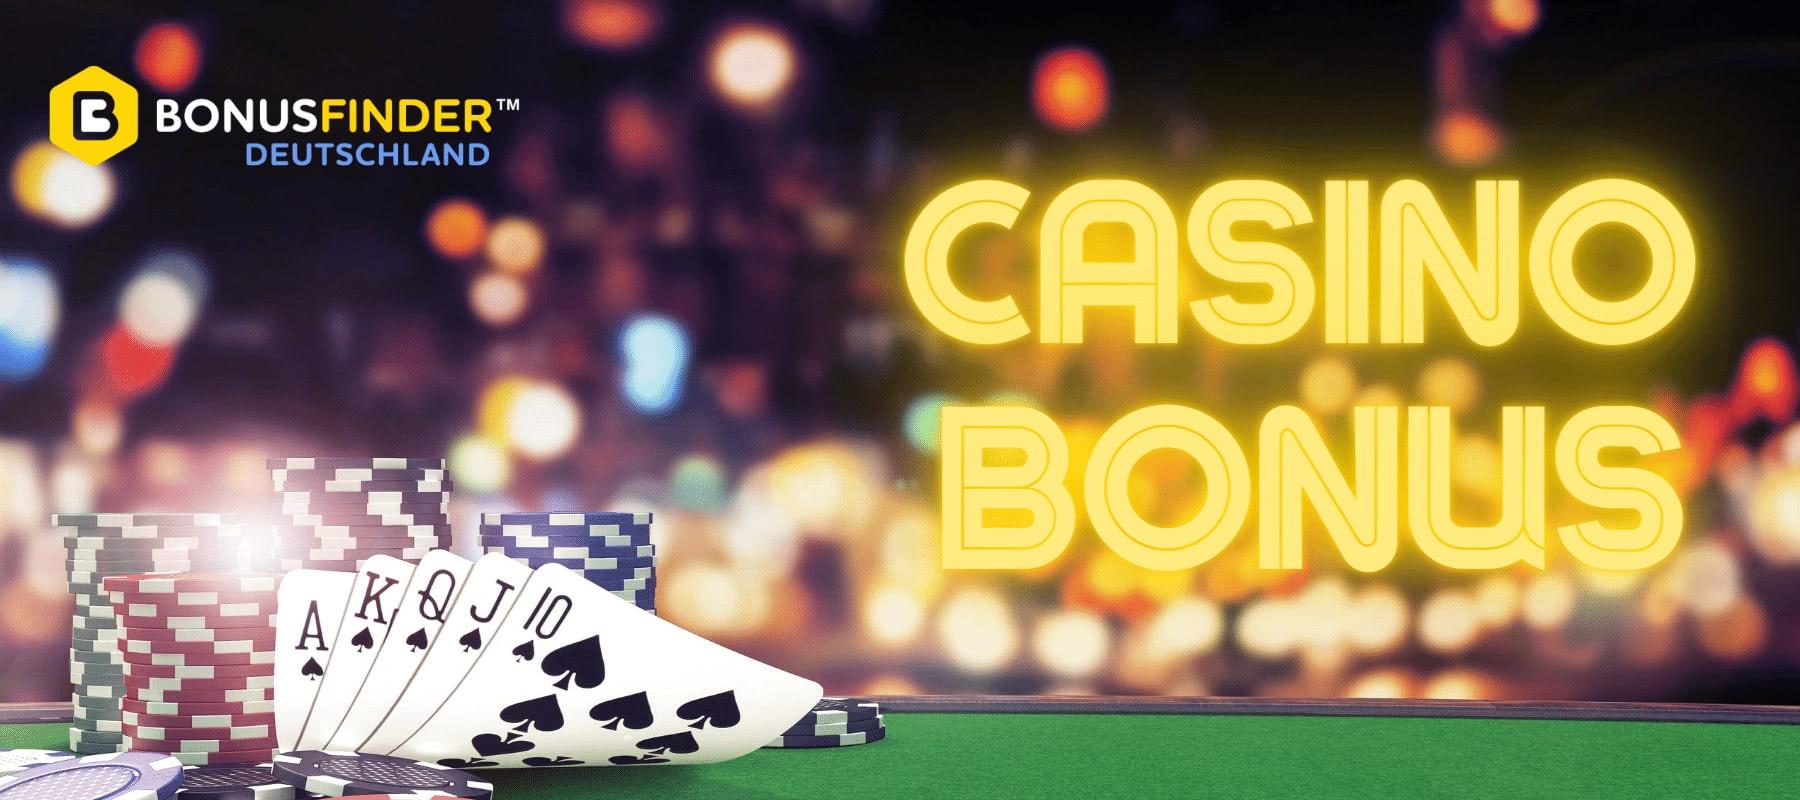 Casino Bonus - Finde Die Besten Casino Bonus Angebote Der Online Casinos